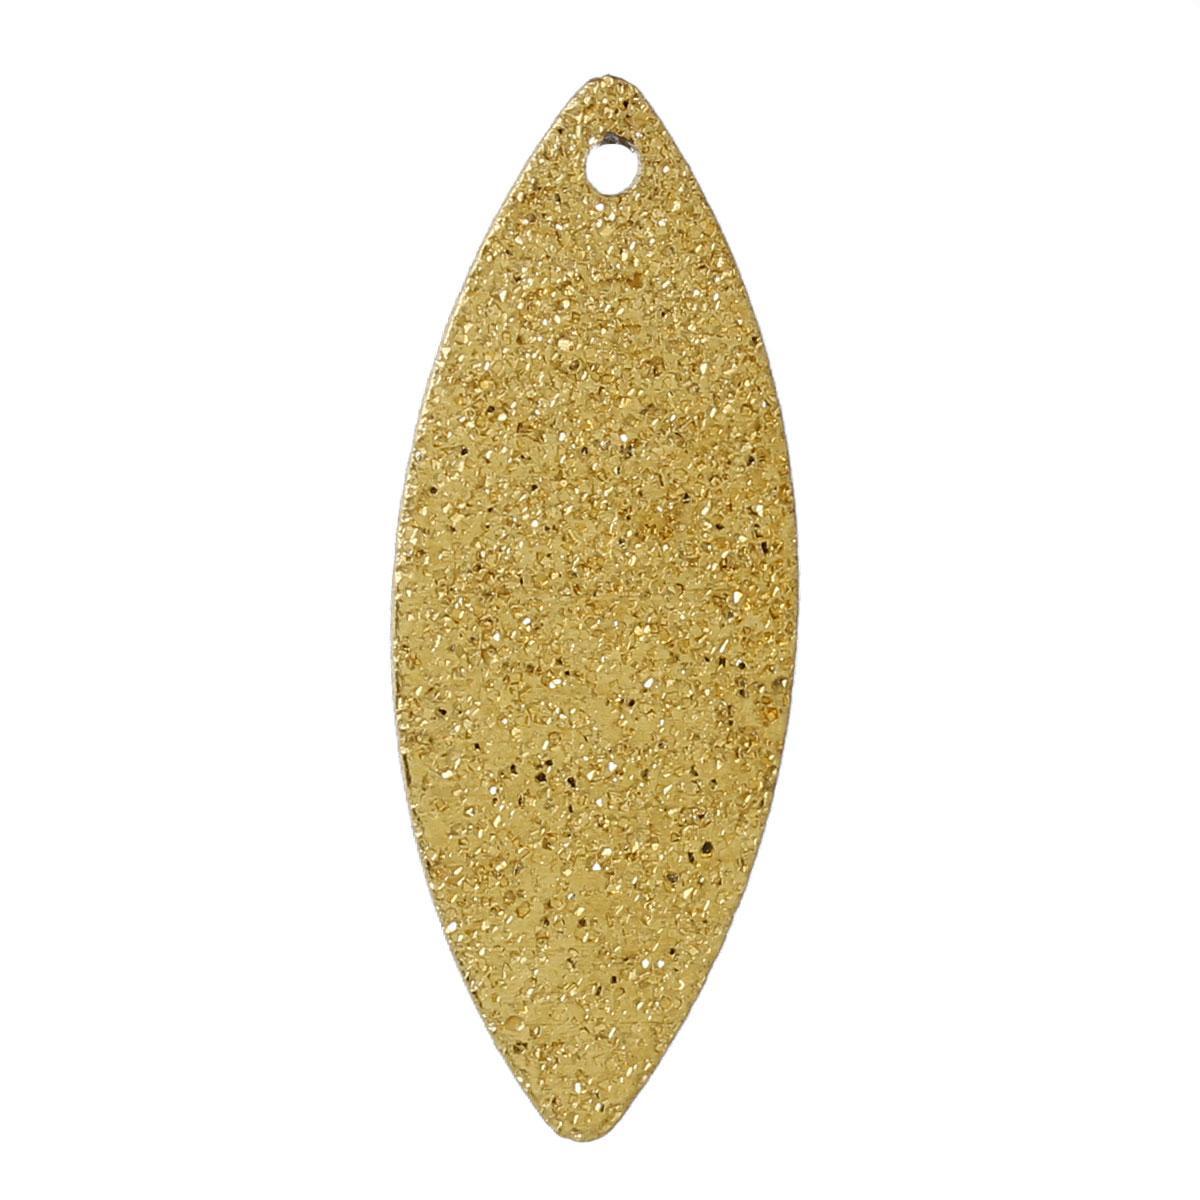 Подвеска водяная капля, Медь, Цвет: Золото, С узором, 25 мм x 10 мм